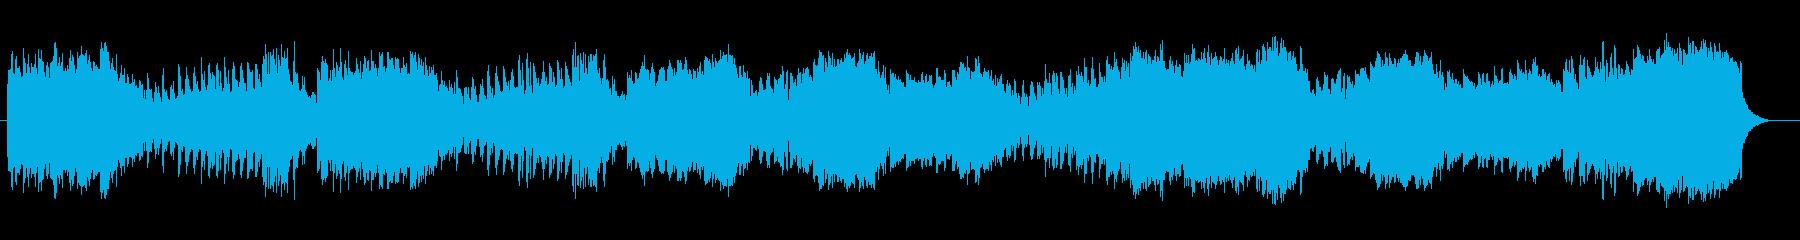 ストリングスによる秋のマーチの再生済みの波形